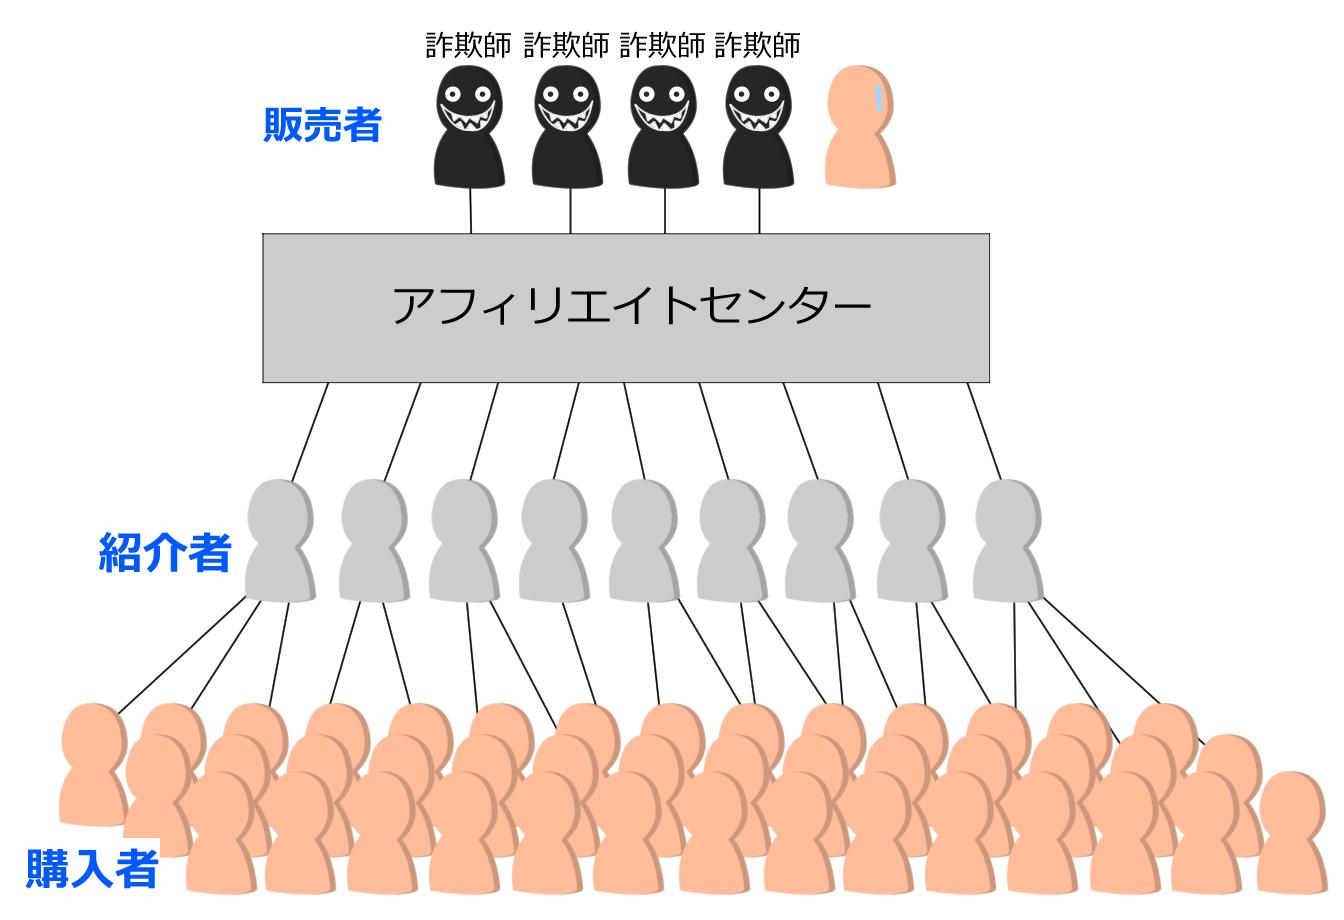 情報商材の販売の構図